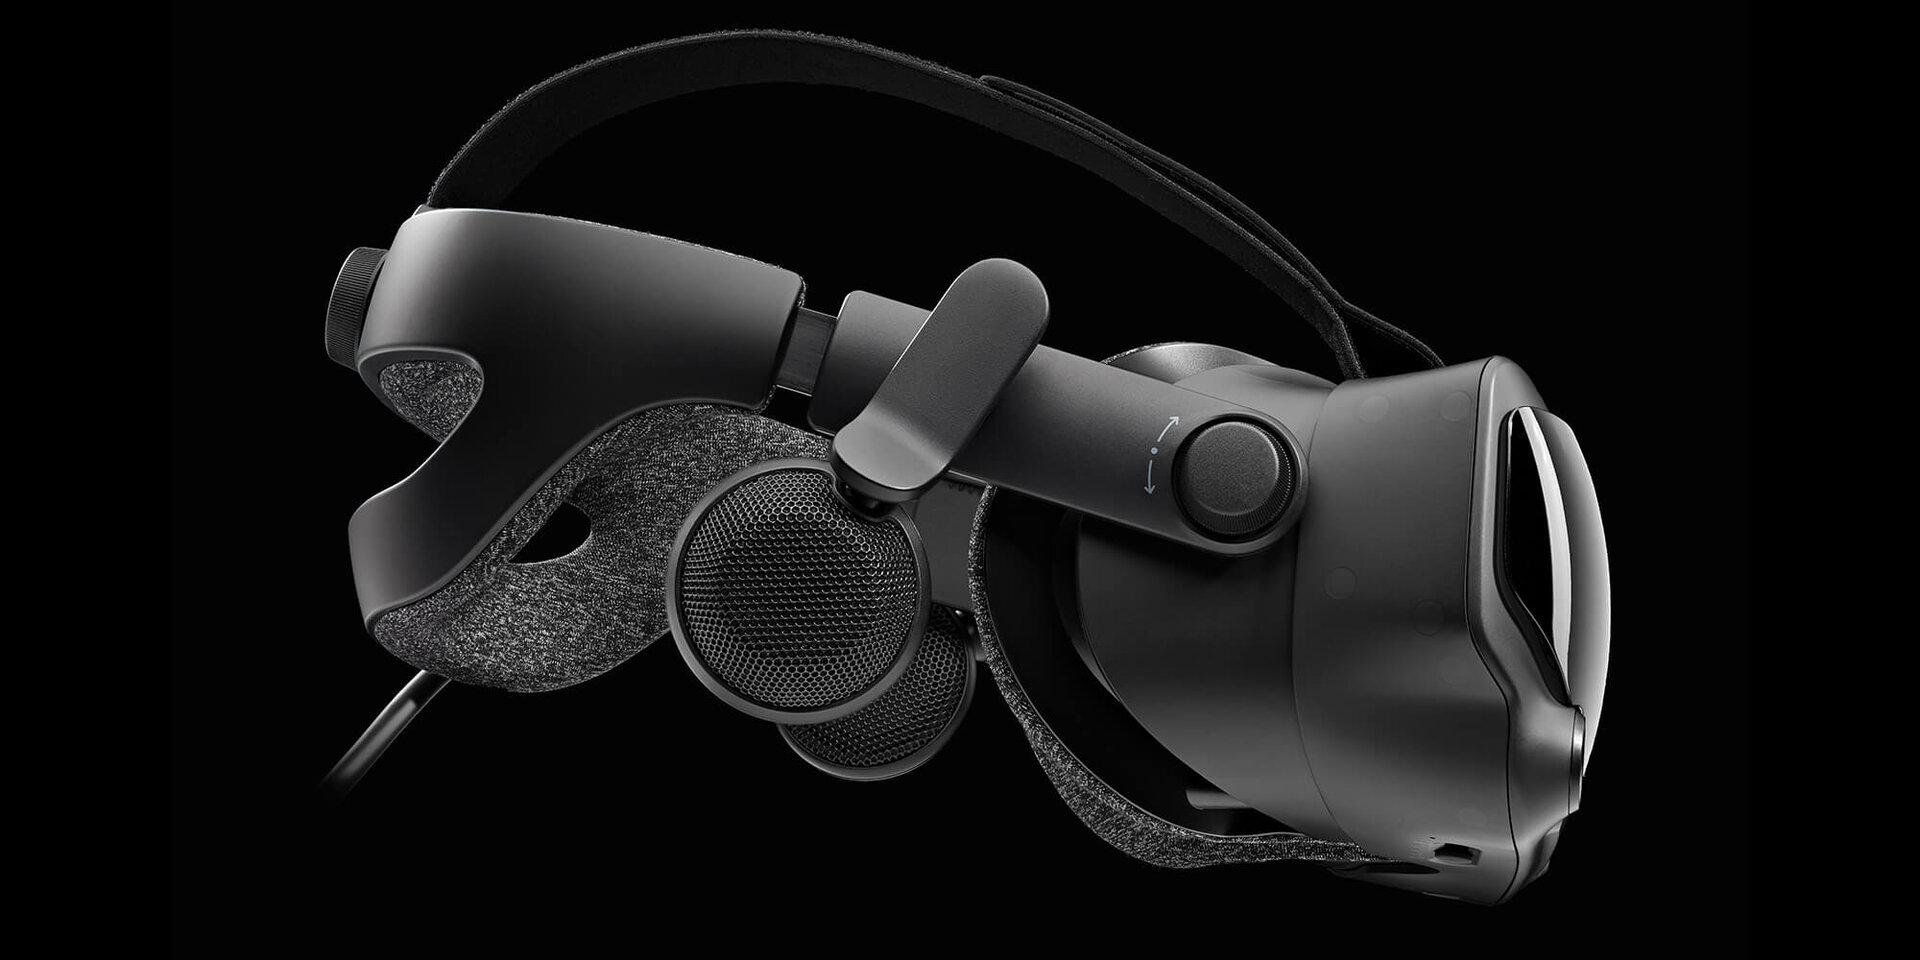 Das Head Mounted Device (HDM) der Valve Index